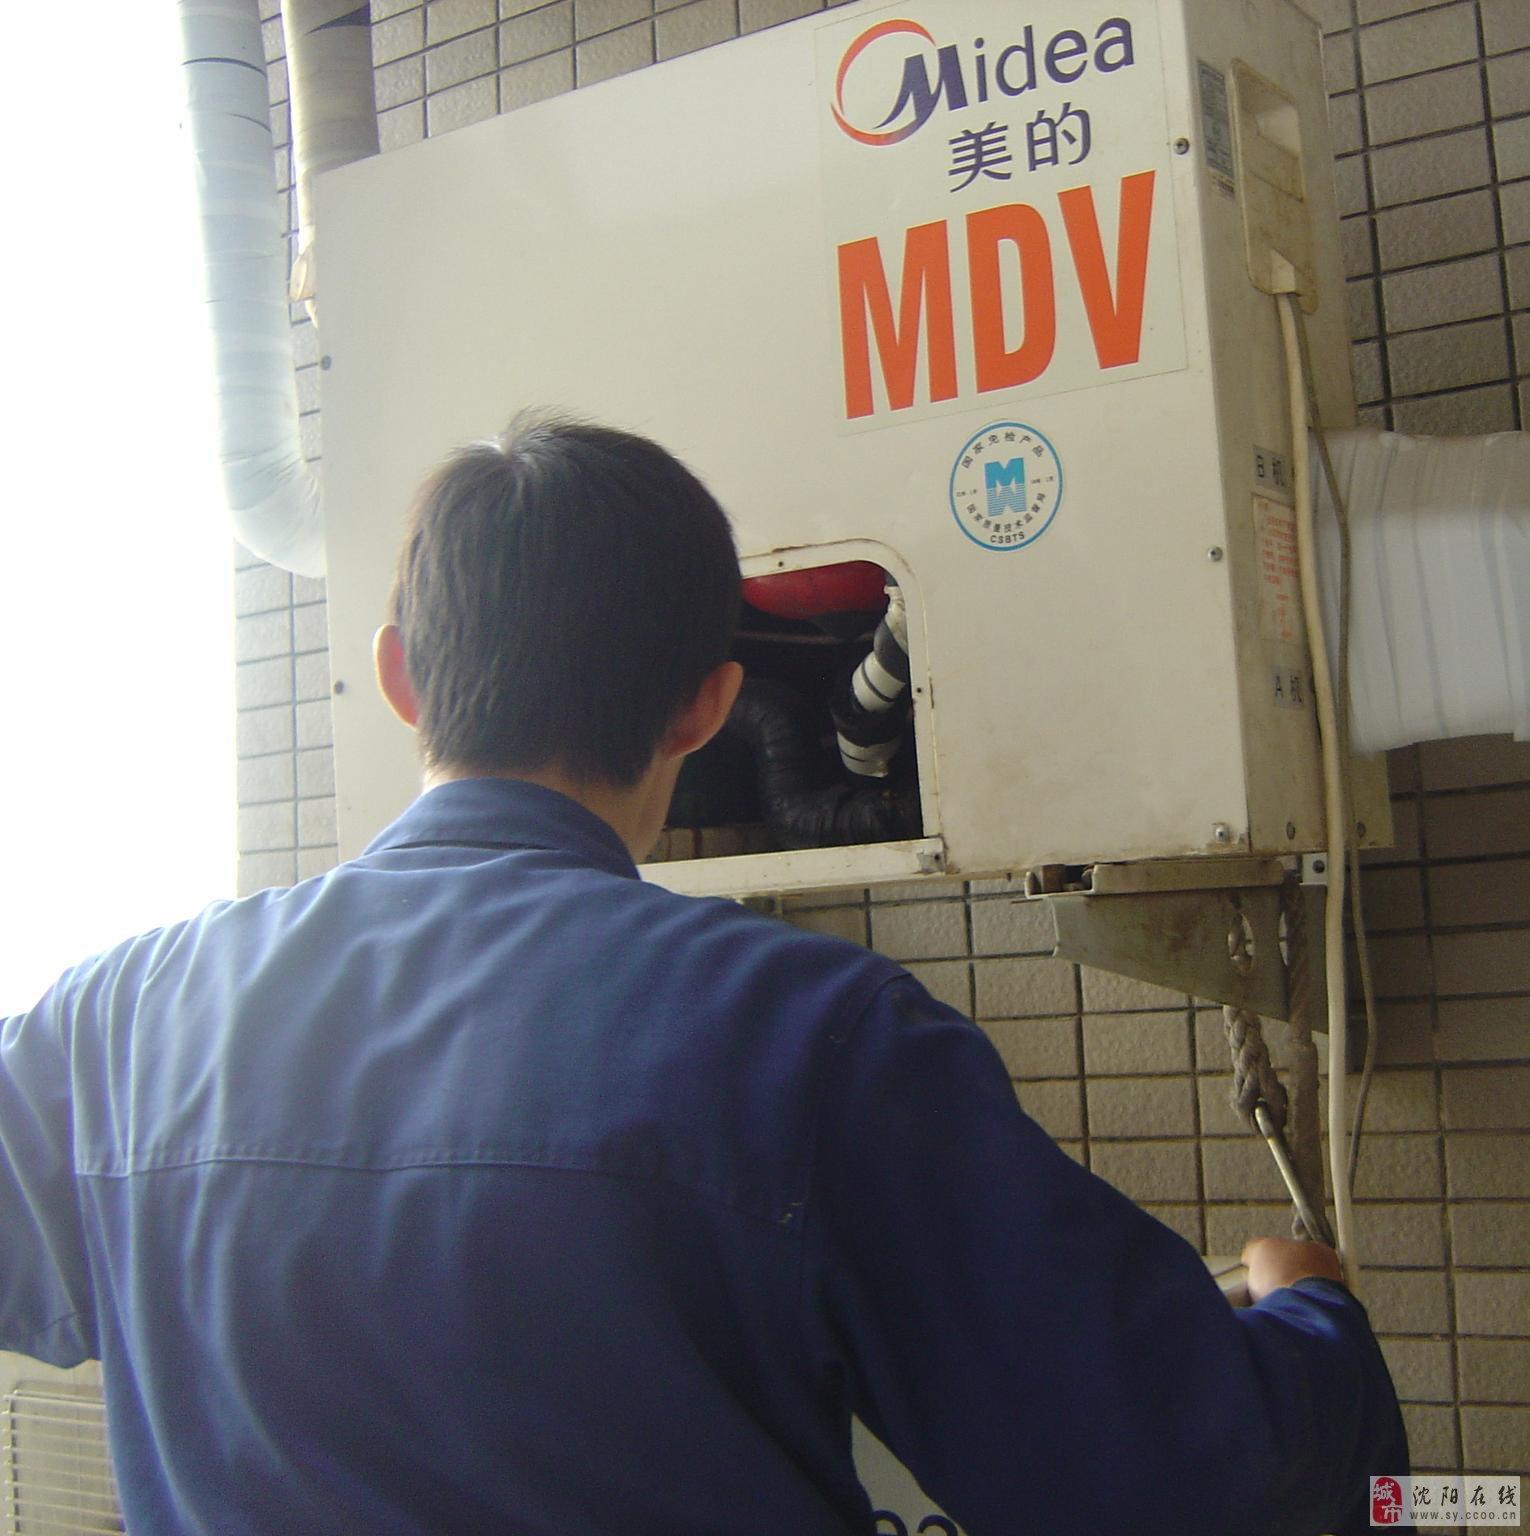 空调加氟步骤: 1:把设为制冷模式打开空调。 2:检查室内机是否正常运转。 3:室外压缩机是否正常启动。 4:正常启动后,从室外机低压阀侧柱连接加氟设备。 5:测压加氟。 6:用泡沫水检查有无漏点。 随着空调使用率的逐渐增高,一些产品在使用一段时间后就会出现制冷衰减等现象。制冷效果不理想大多是因为缺氟的原因,这时我们应该及时加氟,但是怎样才能判断是否缺氟呢? 可以根据以下方法进行测试北京空调加氟: 1、试:空调正常开启一段时间后吹到身上的风感到很凉,并能很快达到设定温度,室外的缩机能像电冰箱一样开一会儿停